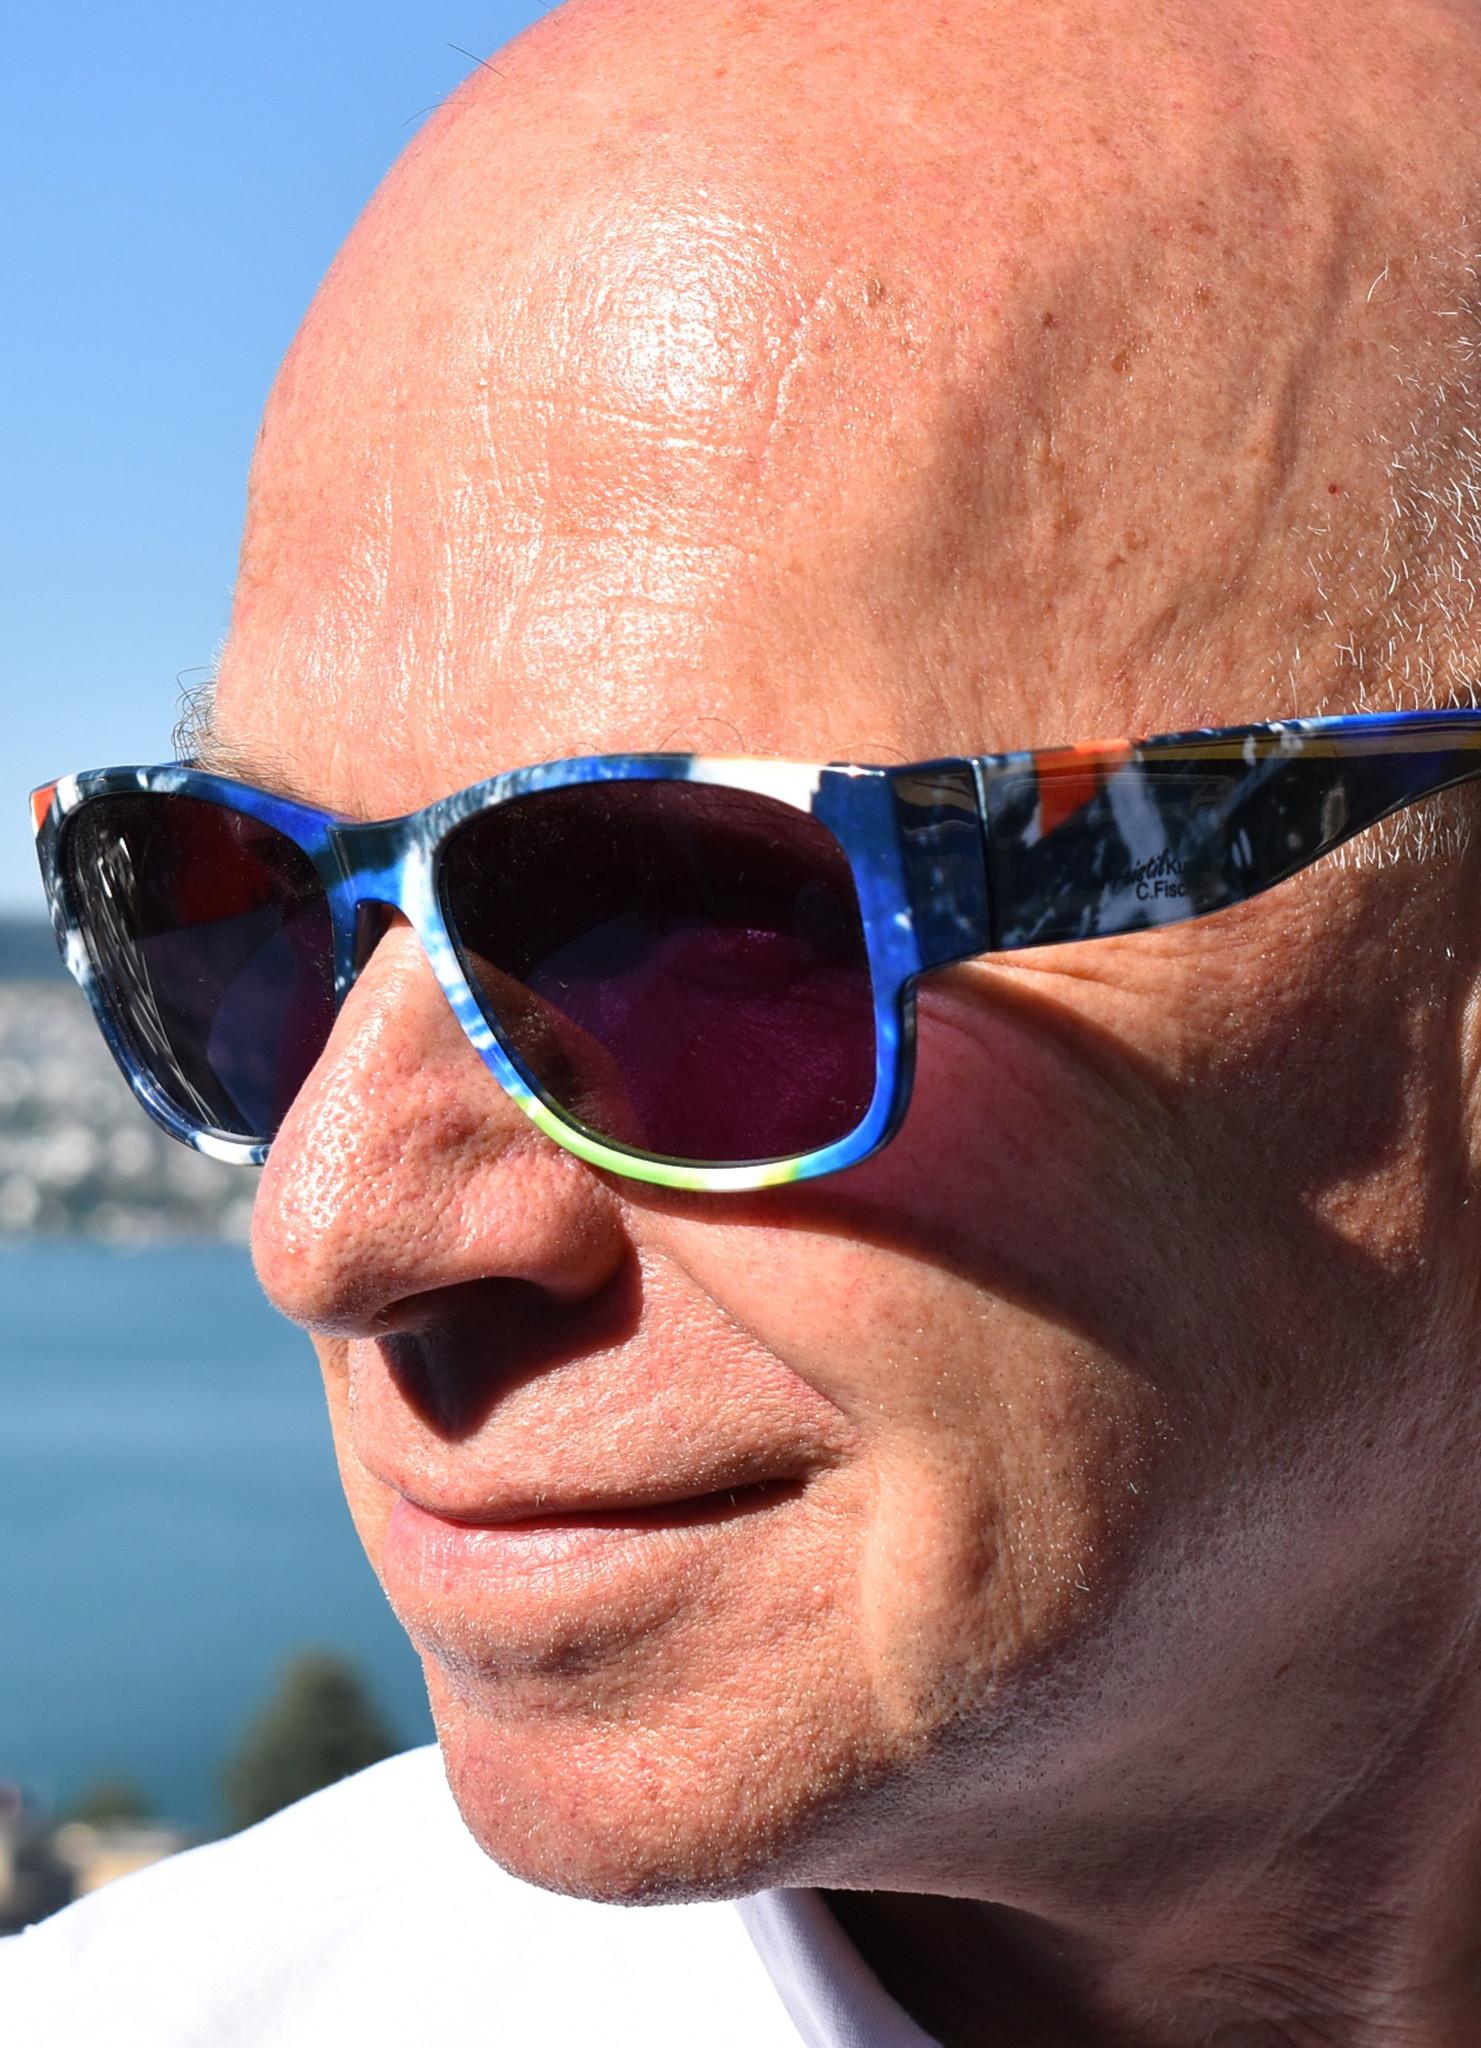 C.Fischer Coole Sonnenbrille 'Innere Kraft'